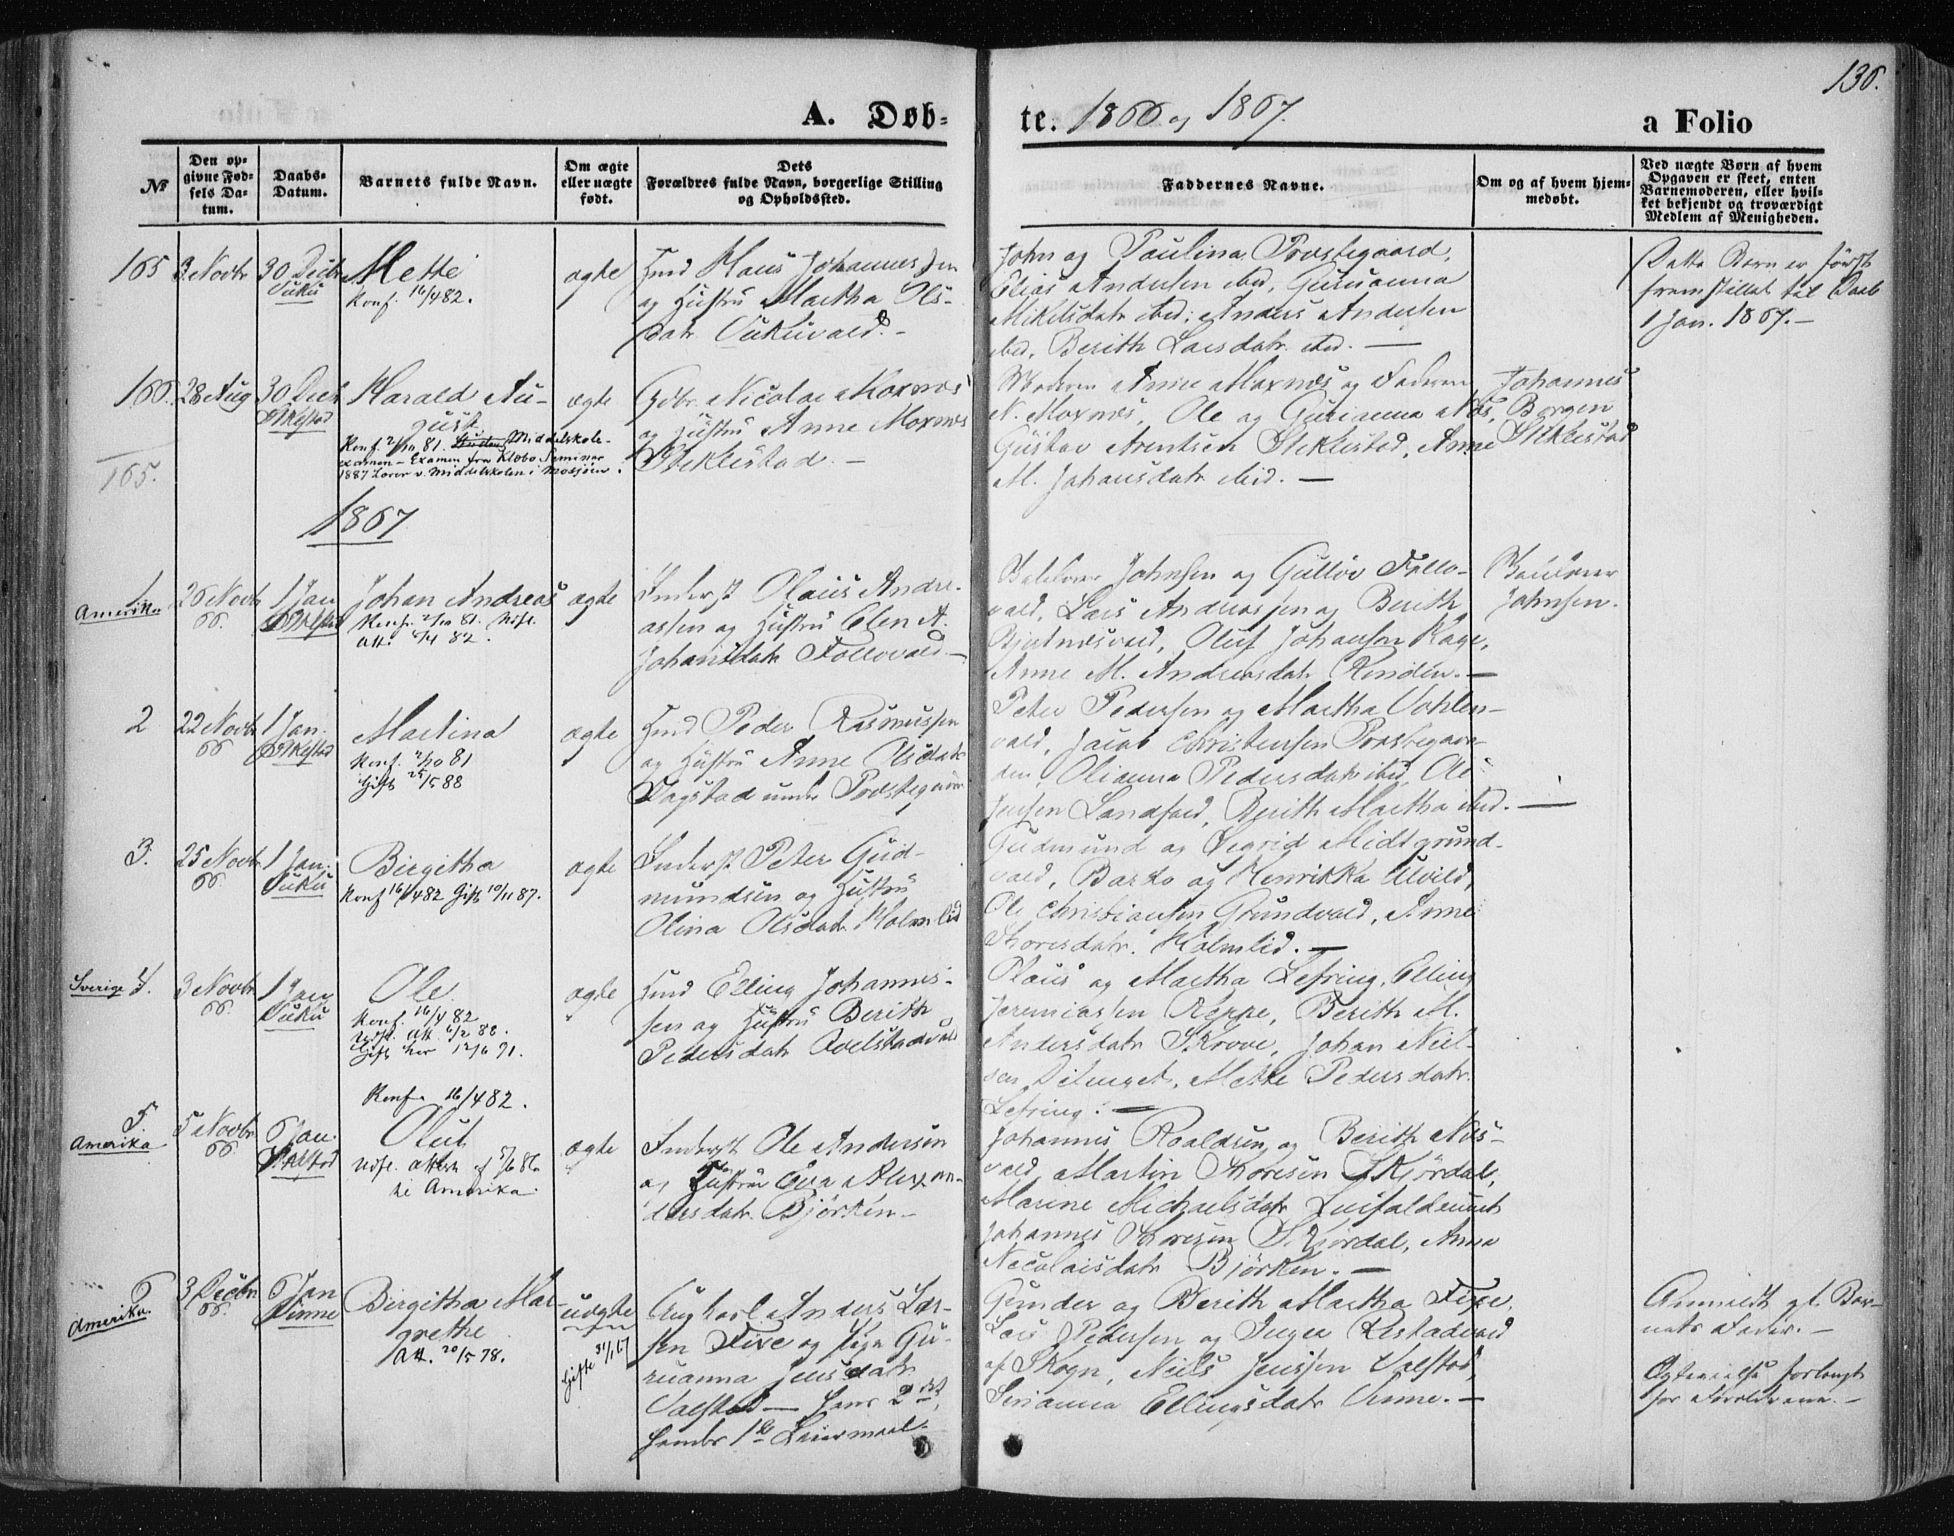 SAT, Ministerialprotokoller, klokkerbøker og fødselsregistre - Nord-Trøndelag, 723/L0241: Ministerialbok nr. 723A10, 1860-1869, s. 136